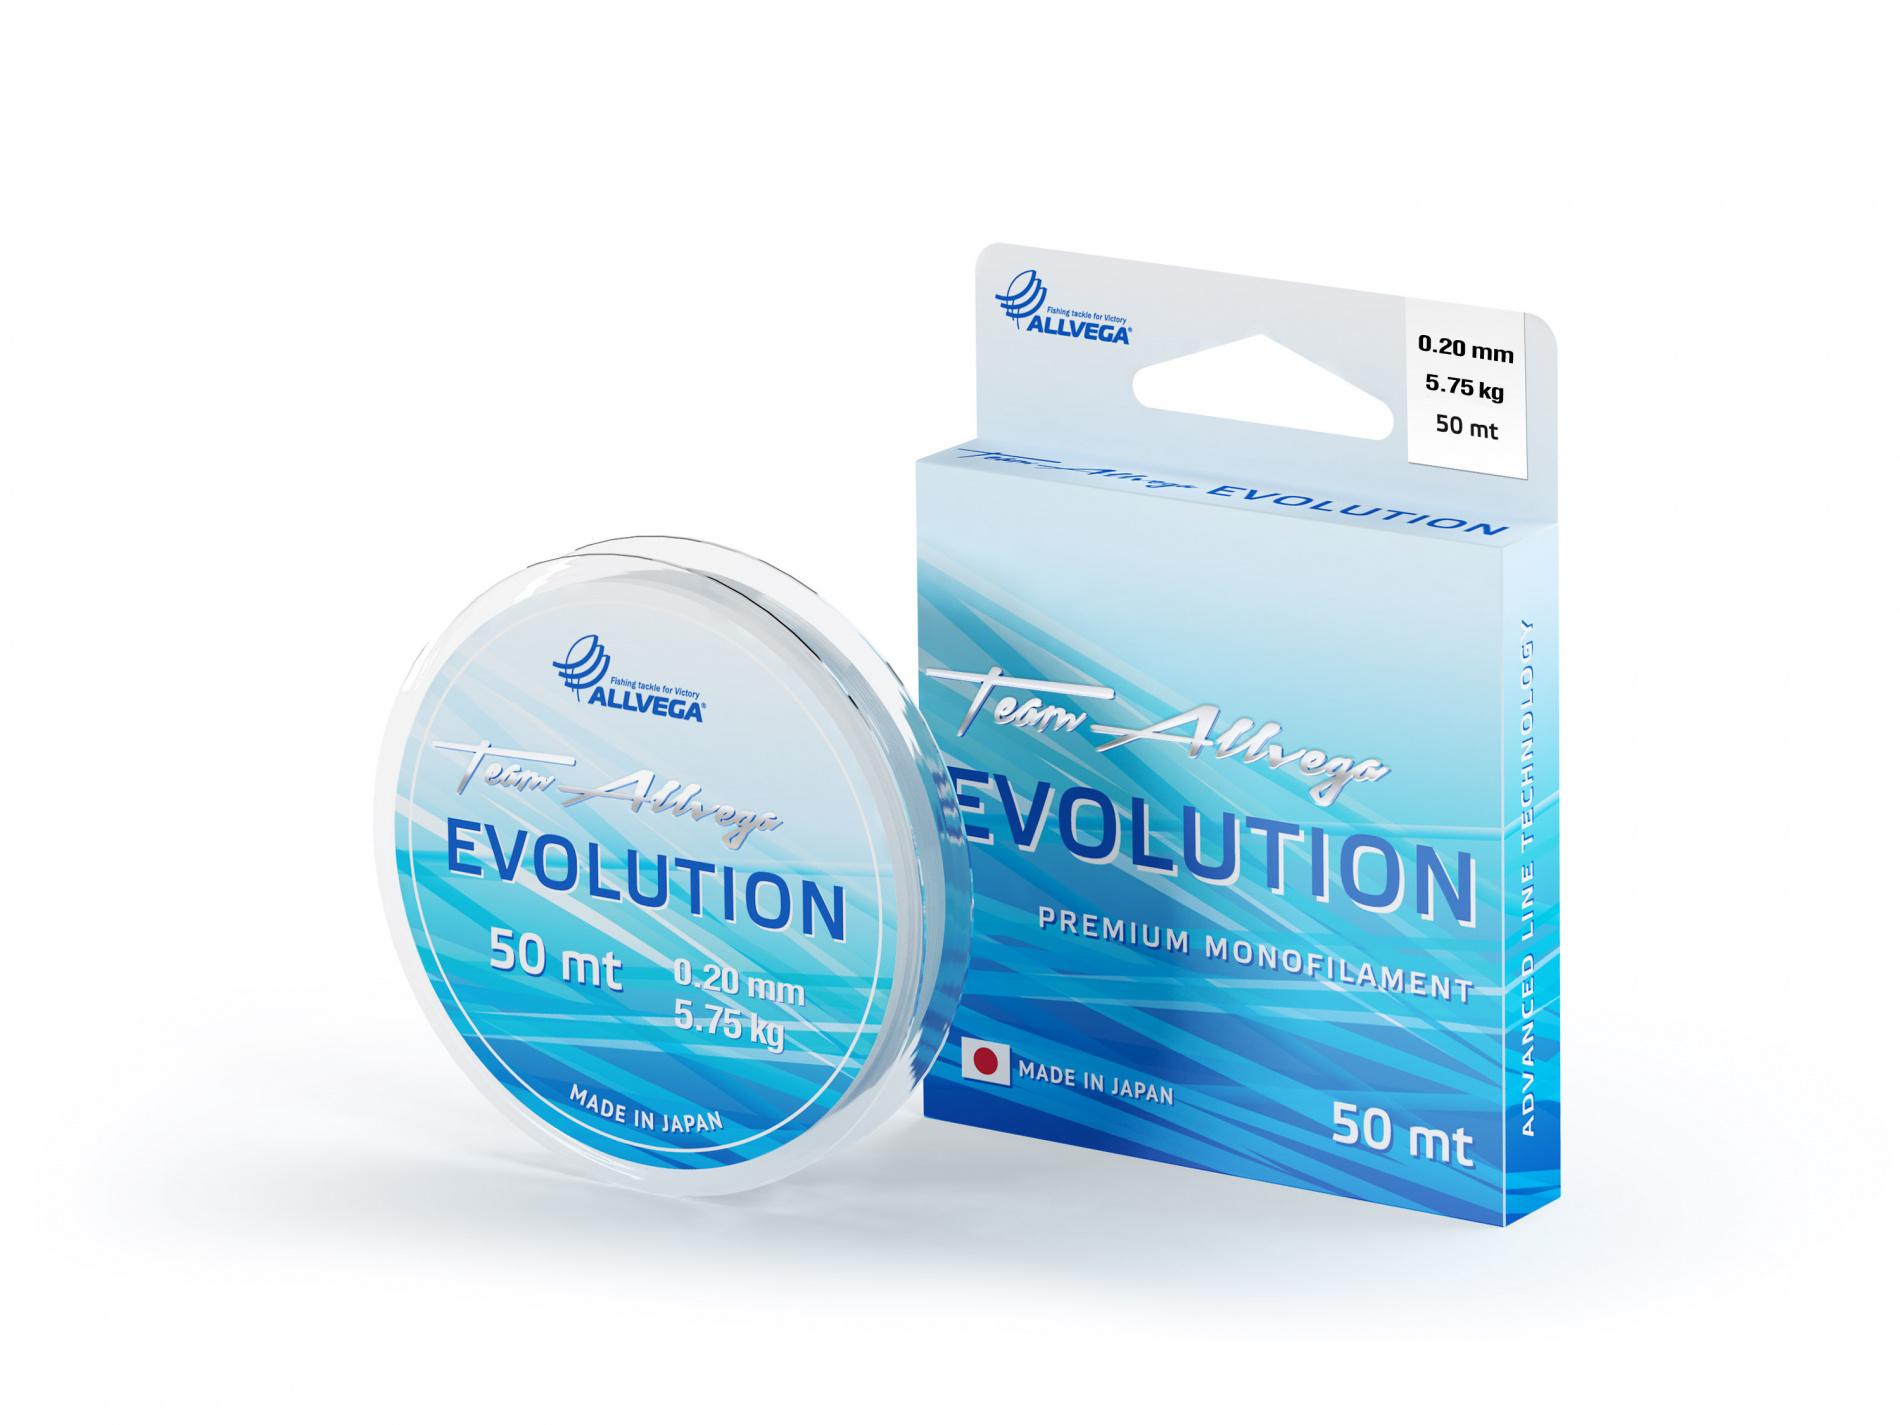 Леска ALLVEGA Evolution 0,20мм (50м) (5,75кг) (прозрачная)Леска монофильная<br>Леска EVOLUTION - это результат интеграции многолетнего <br>опыта европейских рыболовов-спортсменов <br>и современных японских технологий! Важнейшим <br>свойством лески является её однородность <br>и соответствие заявленному диаметру. Если <br>появляется неравномерность в калибровке <br>лески и искажается идеальная окружность <br>в сечении, это ведет к потере однородности <br>лески и ослабляет её. В этом смысле, на сегодняшний <br>день леска EVOLUTION имеет наиболее однородную <br>структуру. Из множества вариантов мы выбираем <br>новейшее и наиболее подходящее сырьё, чтобы <br>добиться исключительных характеристик <br>лески, выдержать оптимальный баланс между <br>прочностью и растяжимостью, и создать идеальный <br>продукт для любых условий ловли. Цвет прозрачный. <br>Сделана, размотана и упакована в Японии.<br><br>Сезон: лето